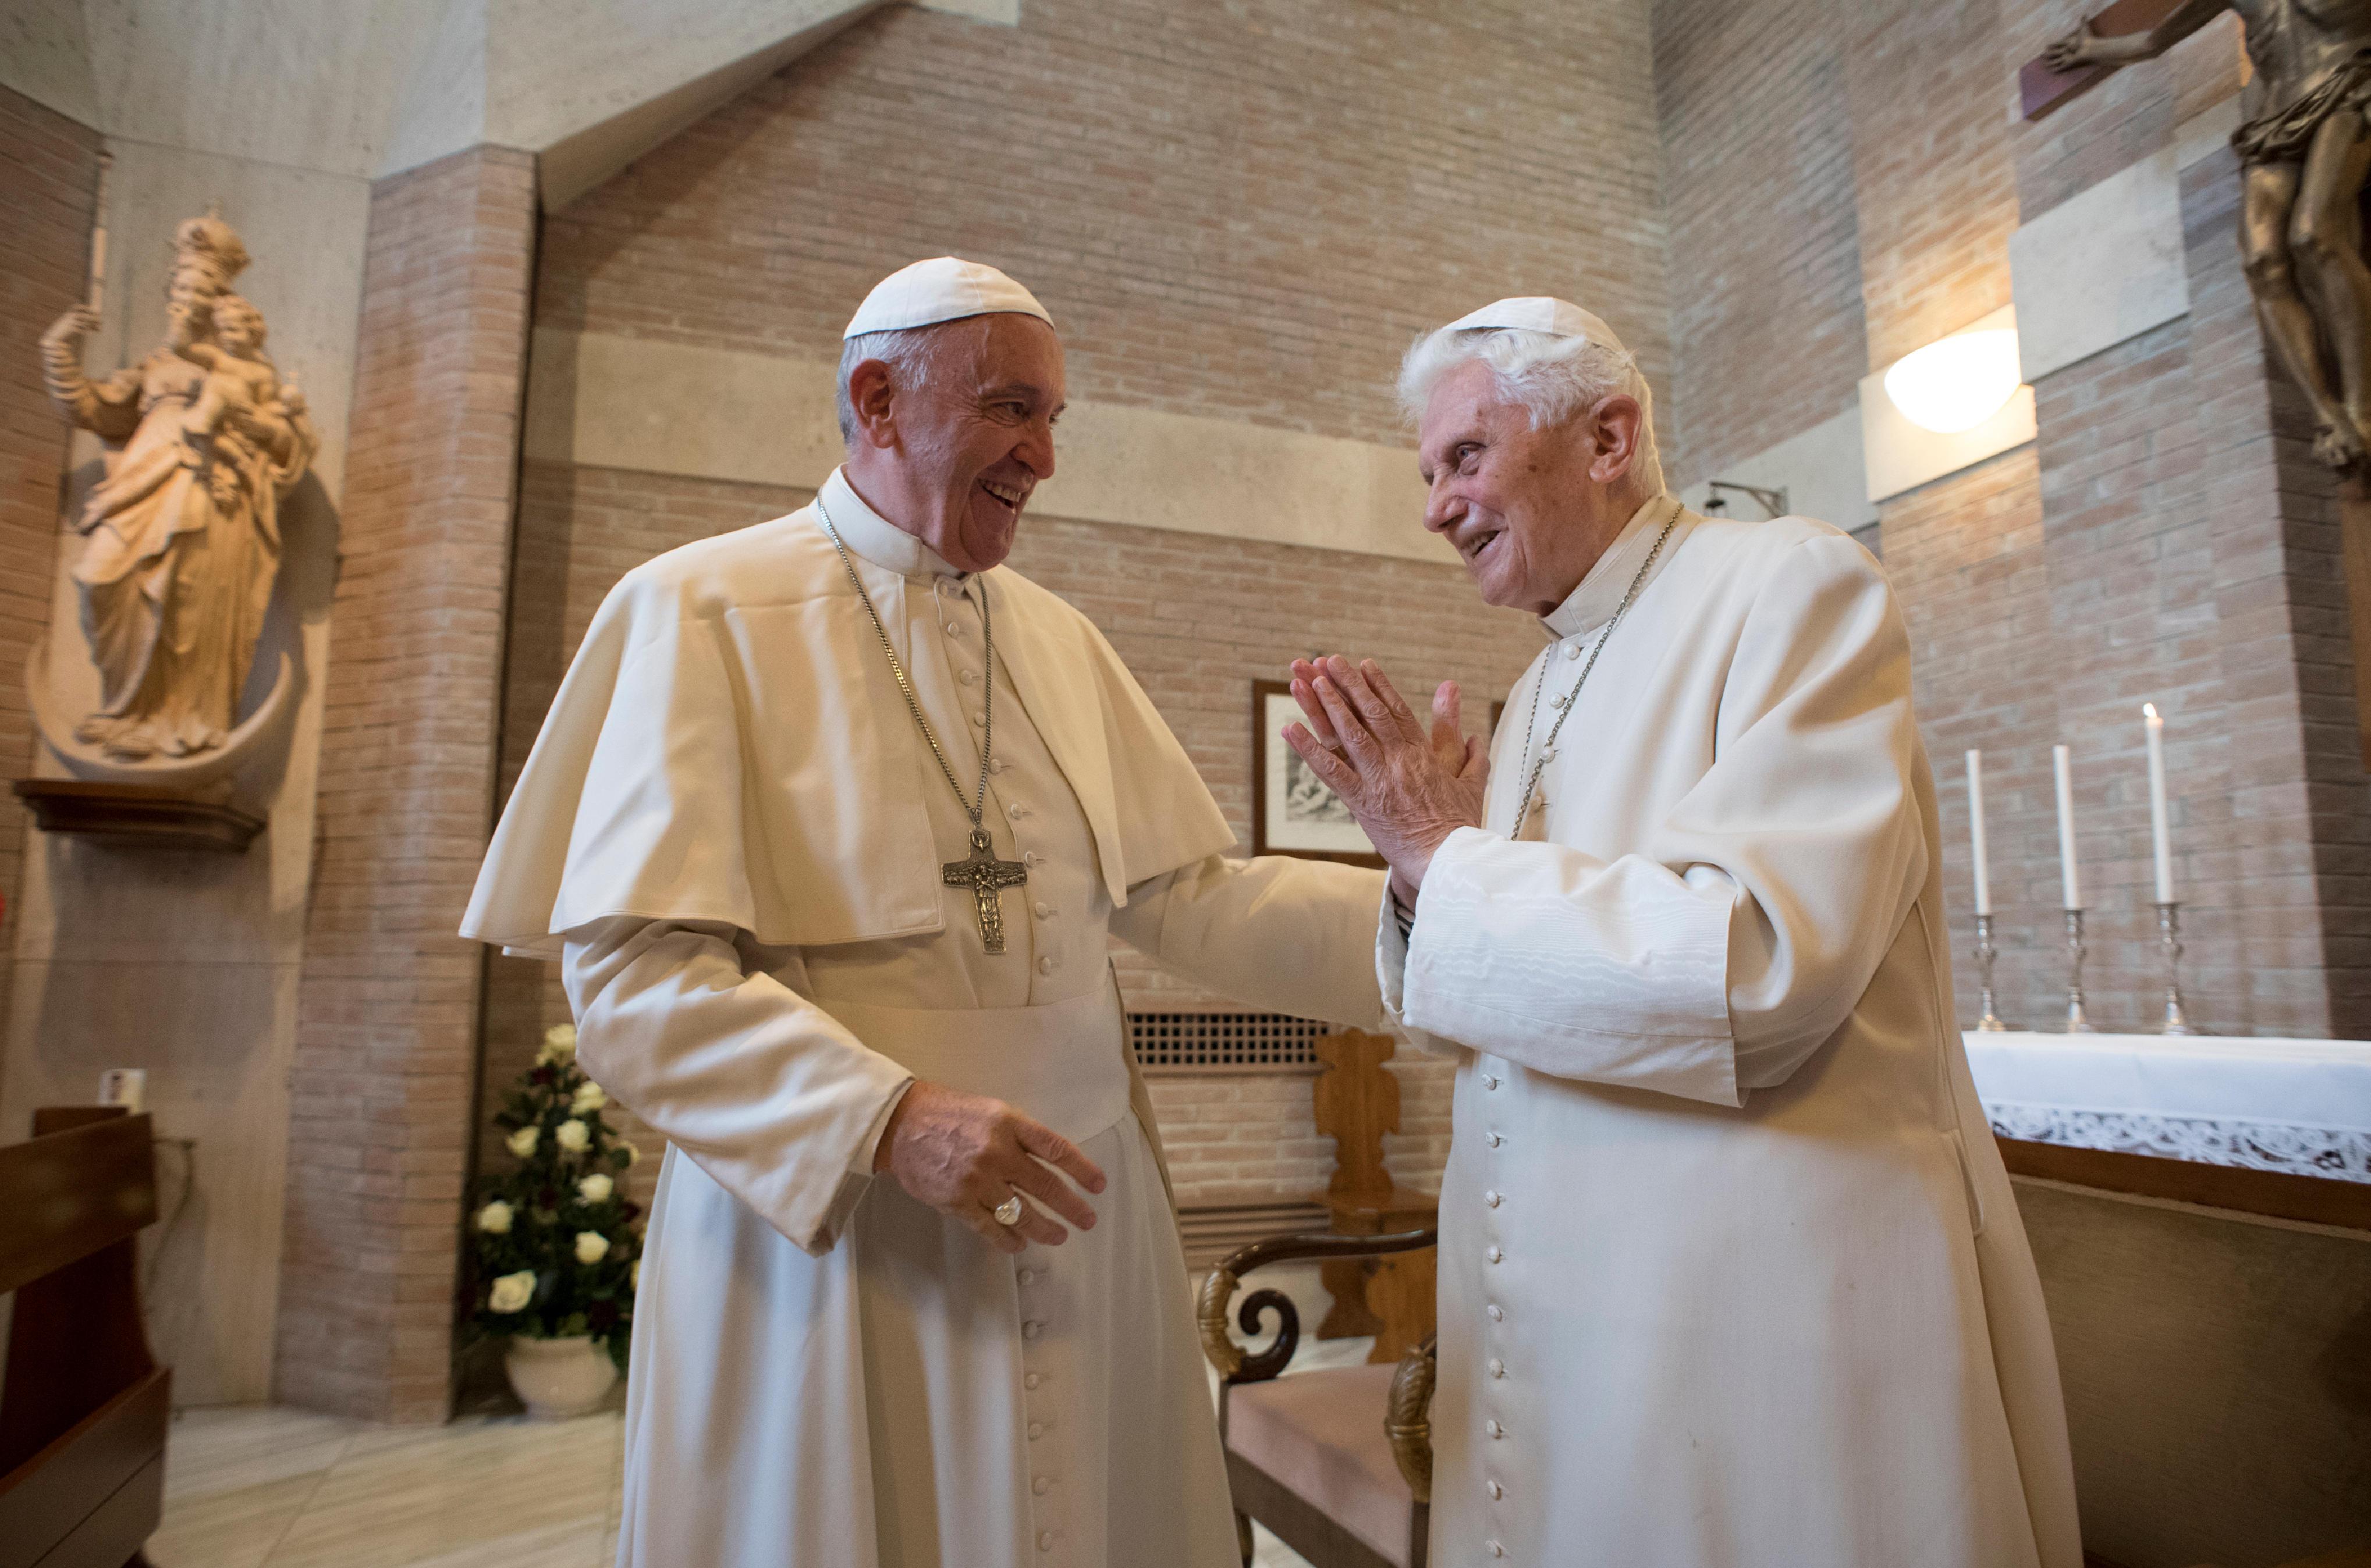 El Papa Francisco y Benedicto XVI, 13 de abril de 2017 © Osservatore Romano